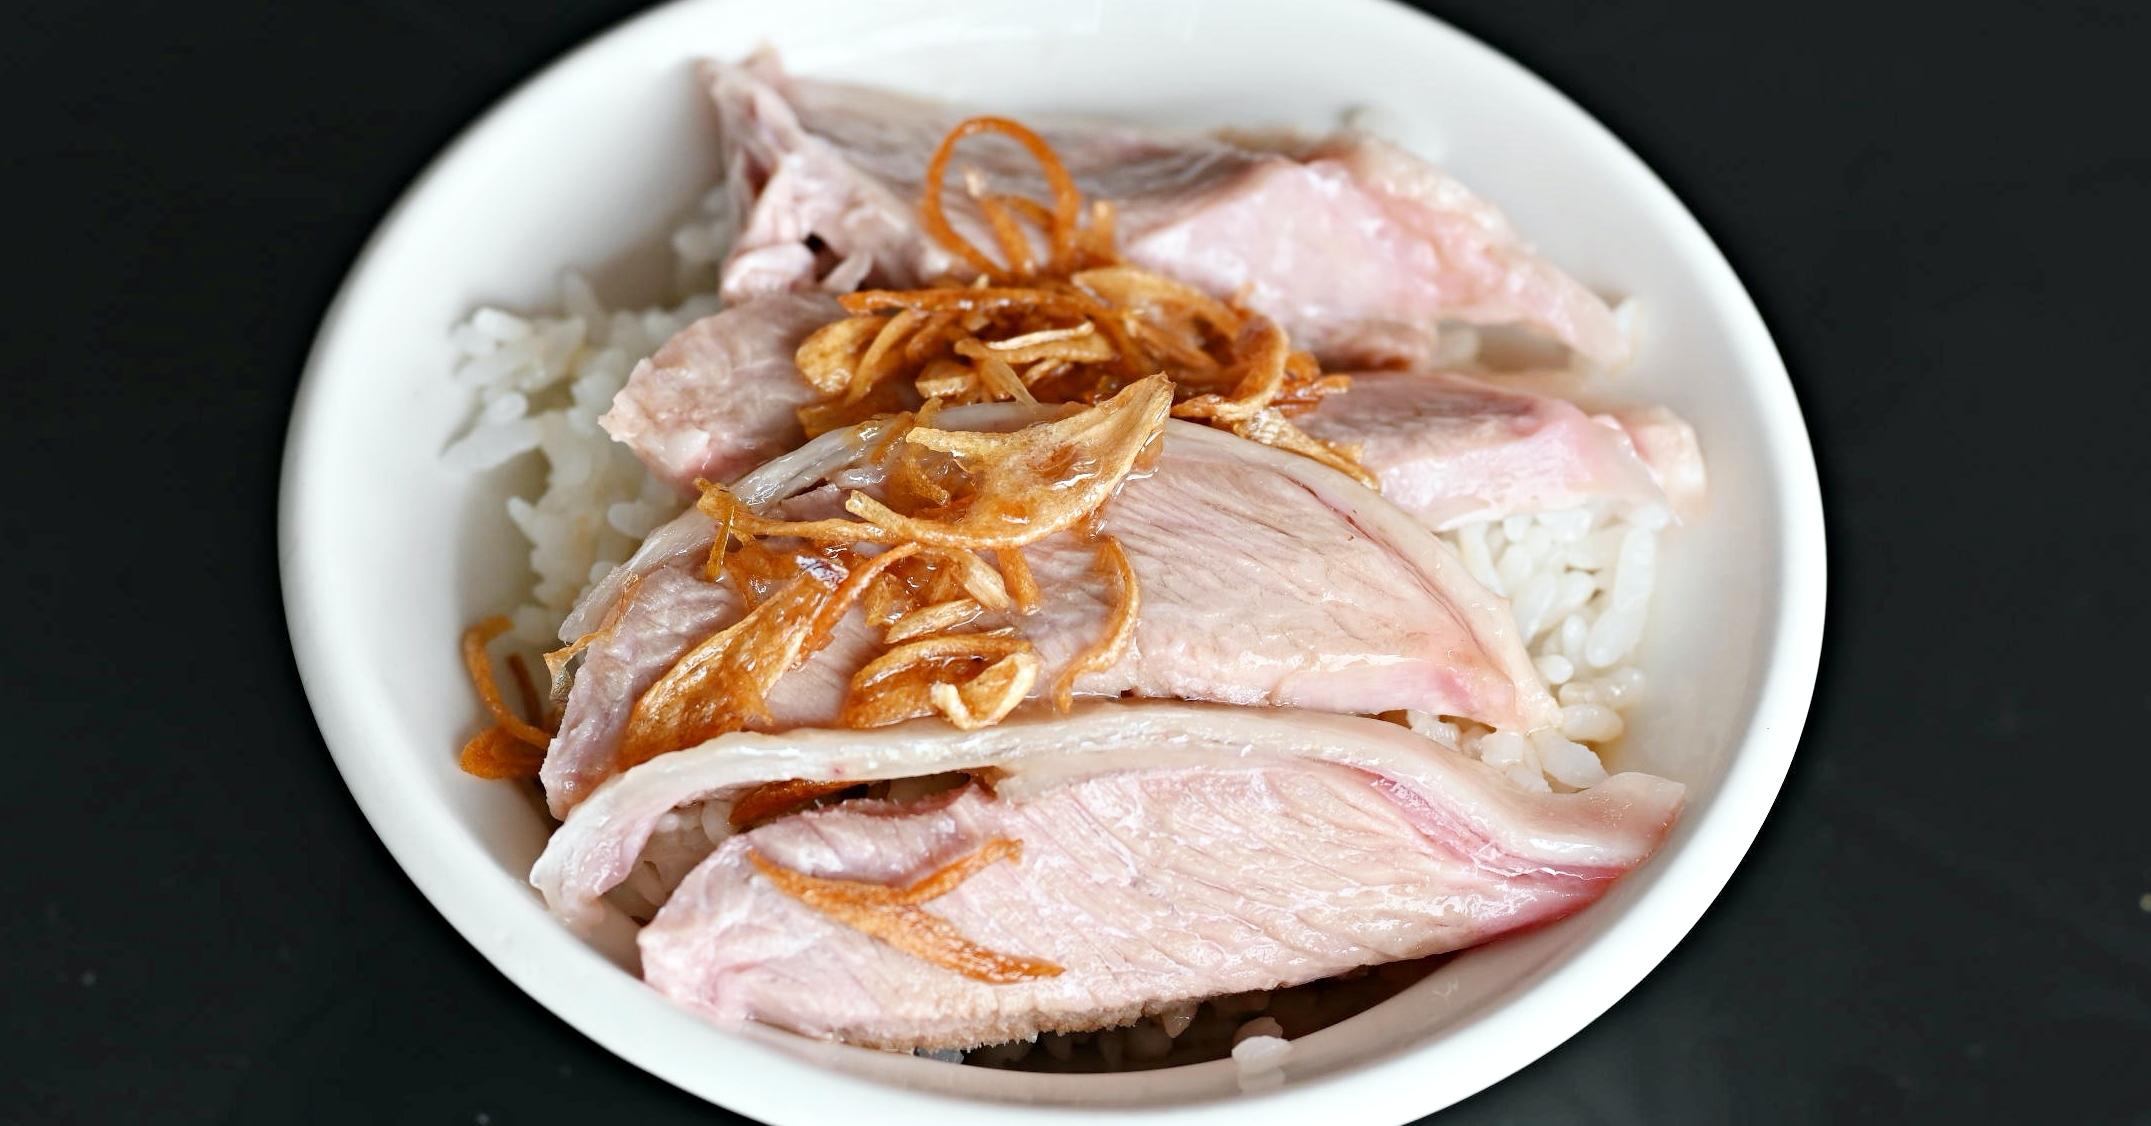 今日熱門文章:【嘉義火雞肉飯推薦】可口火雞肉飯,低調又超美味的雞肉飯推薦